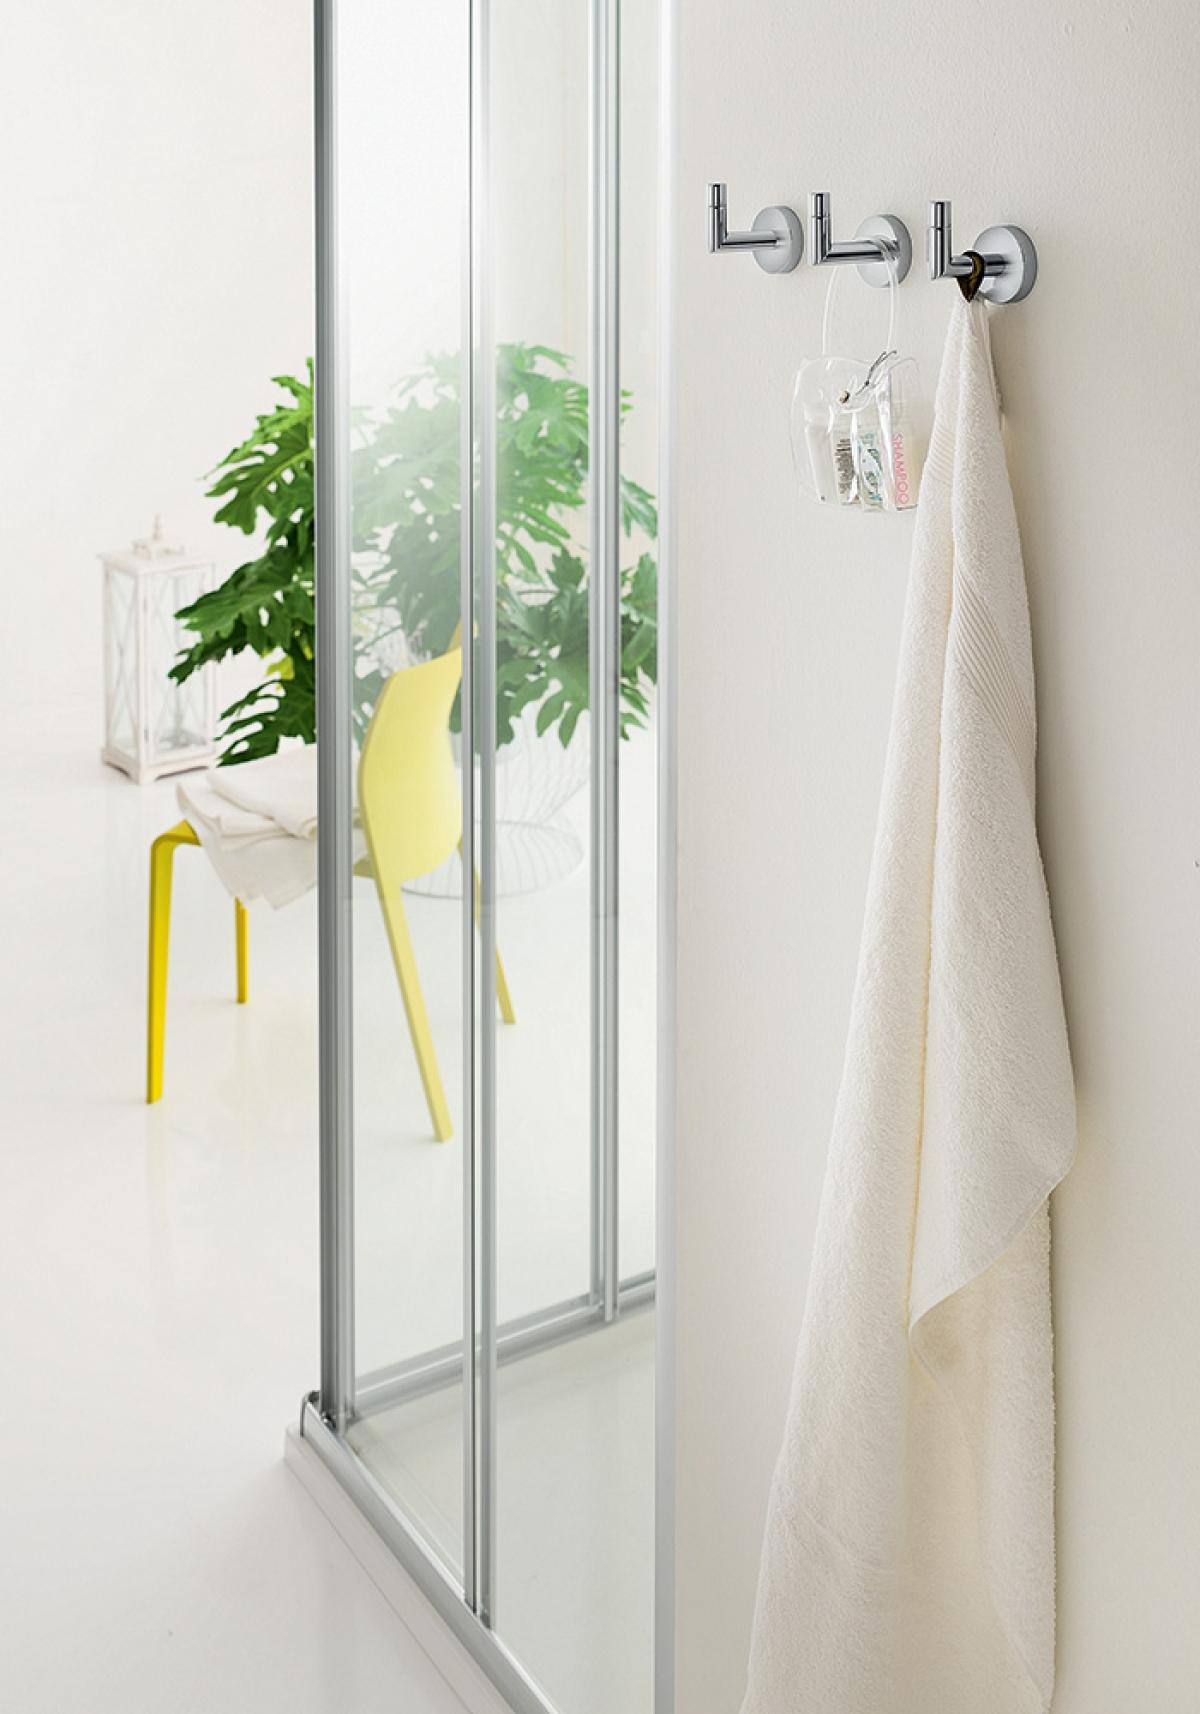 accessoires salles de bains forum inda induscabel salle de bains chauffage et cuisine. Black Bedroom Furniture Sets. Home Design Ideas